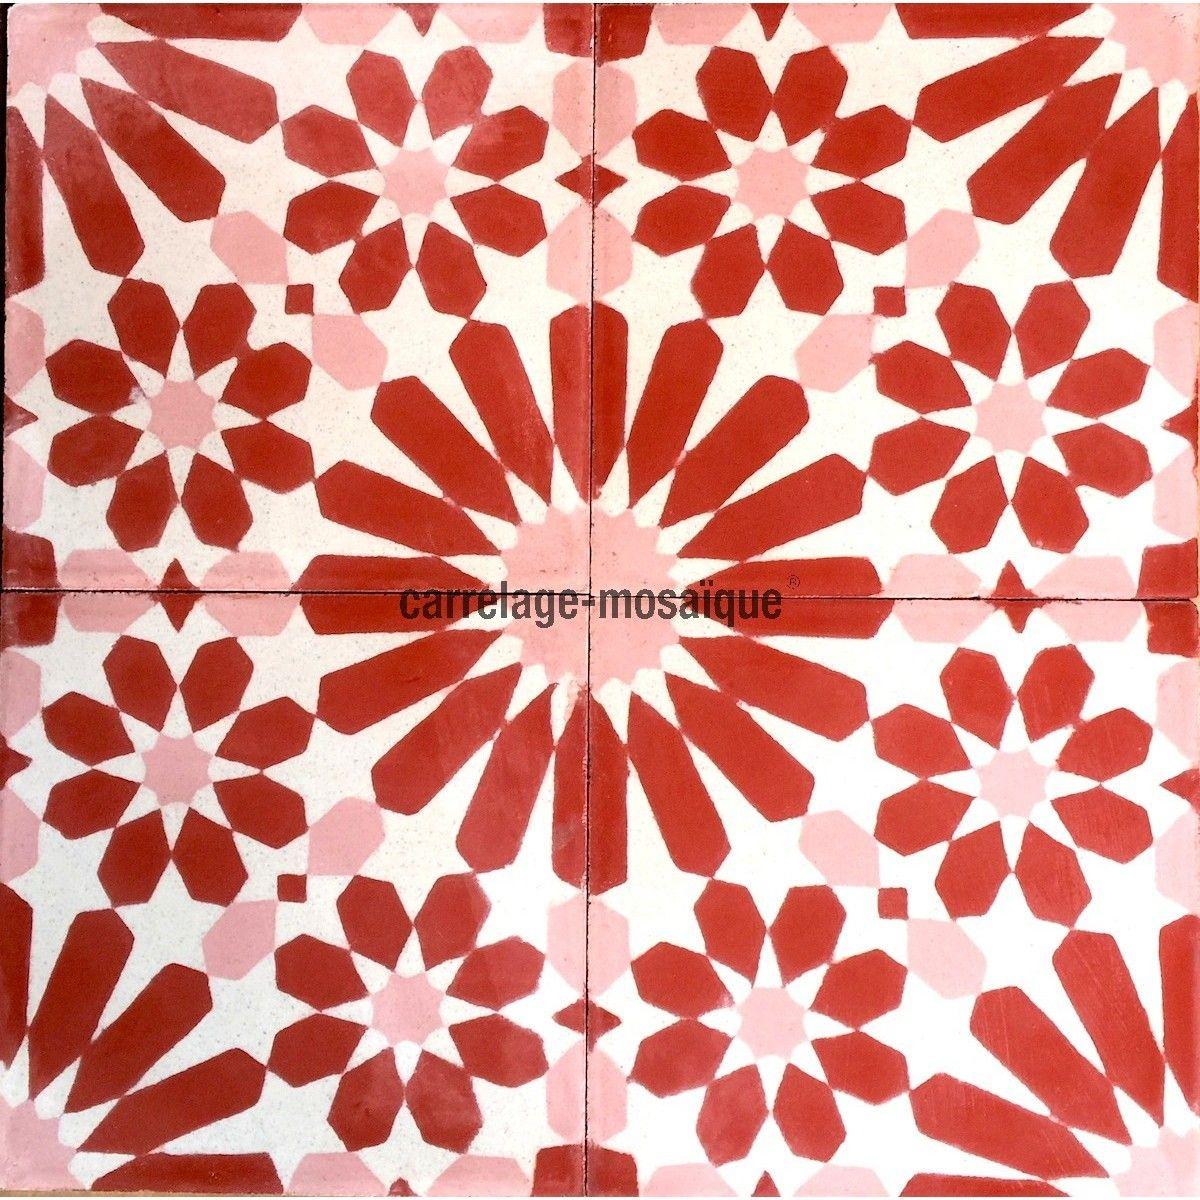 carreaux en ciment 1m2 pas cher modele anso rouge. Black Bedroom Furniture Sets. Home Design Ideas